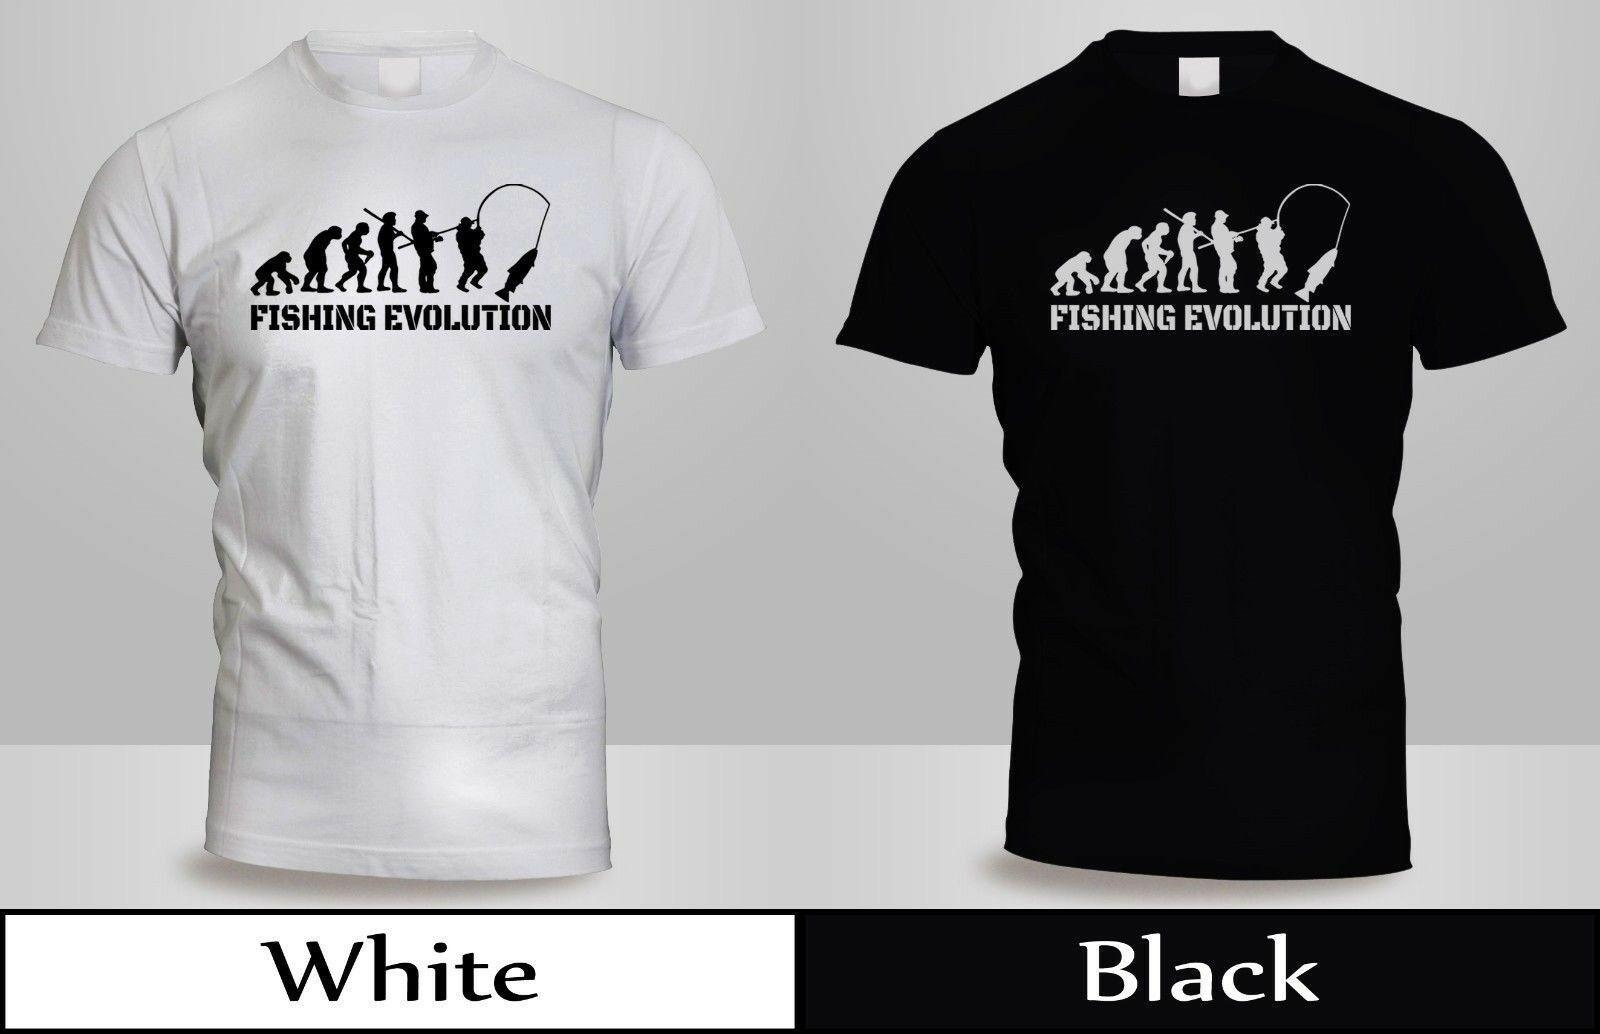 8d54625944e8b8 Großhandel Neue DW FISHING EVOLUTION T SHIRT Herren BlackWhite Fisch Gang Lustiges  Shirt 3free Versand Unisex Casual T Shirt Von Fightershop